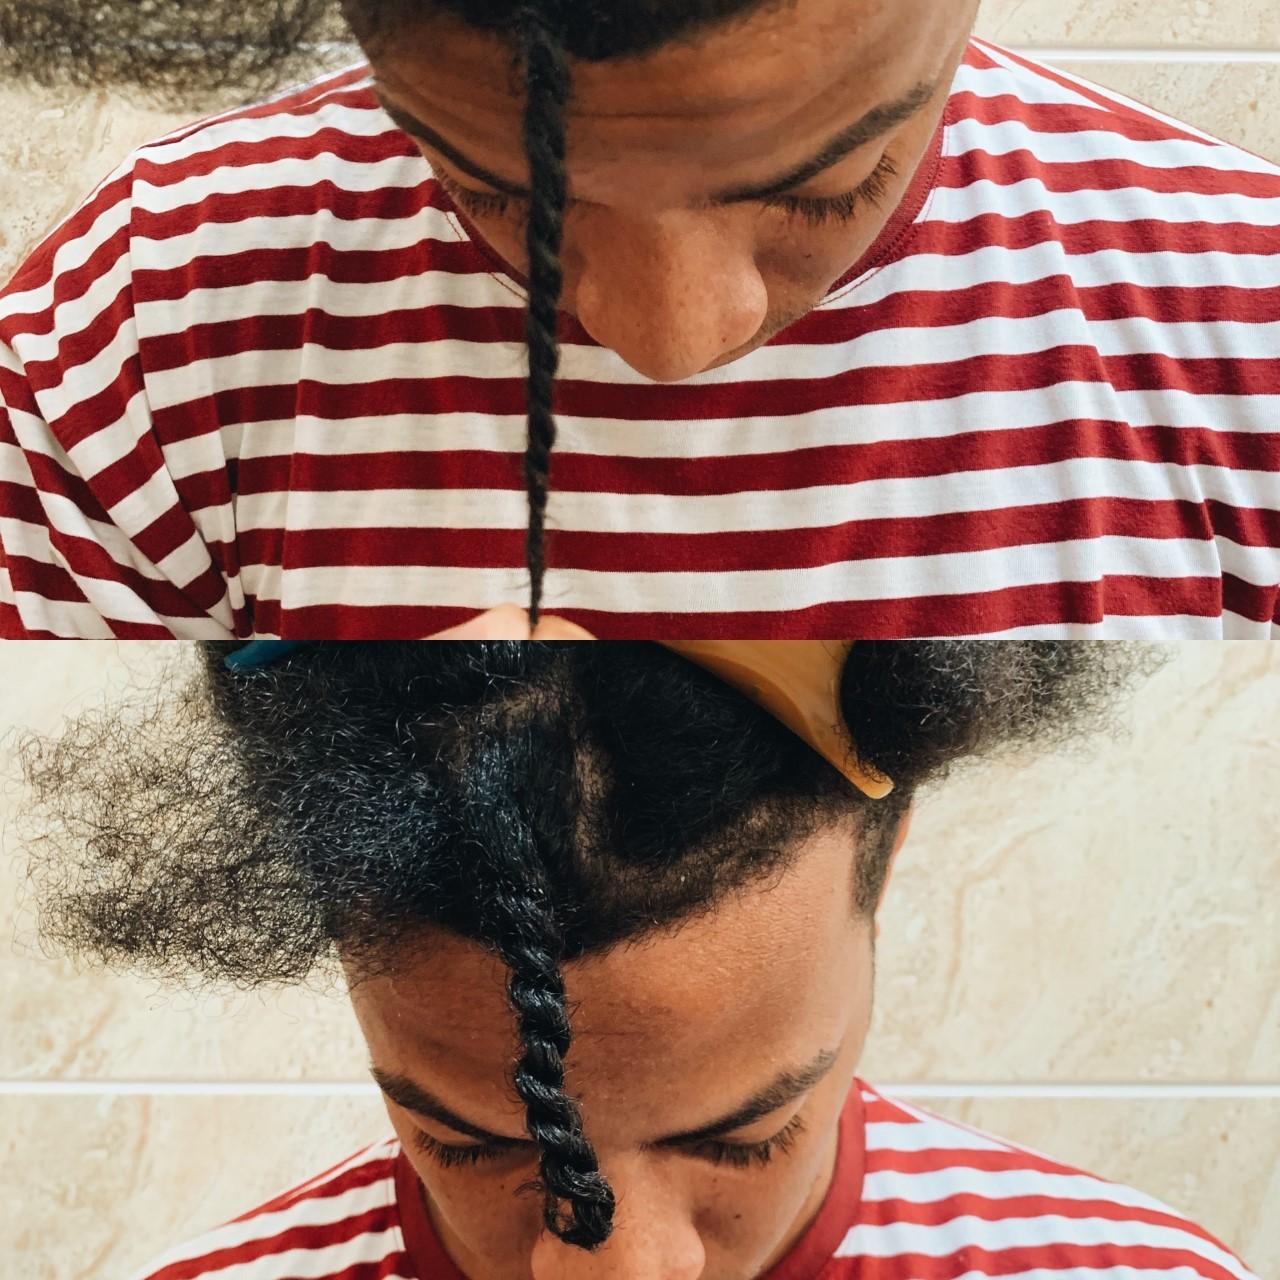 Cabelo Masculino: três formas de texturizar